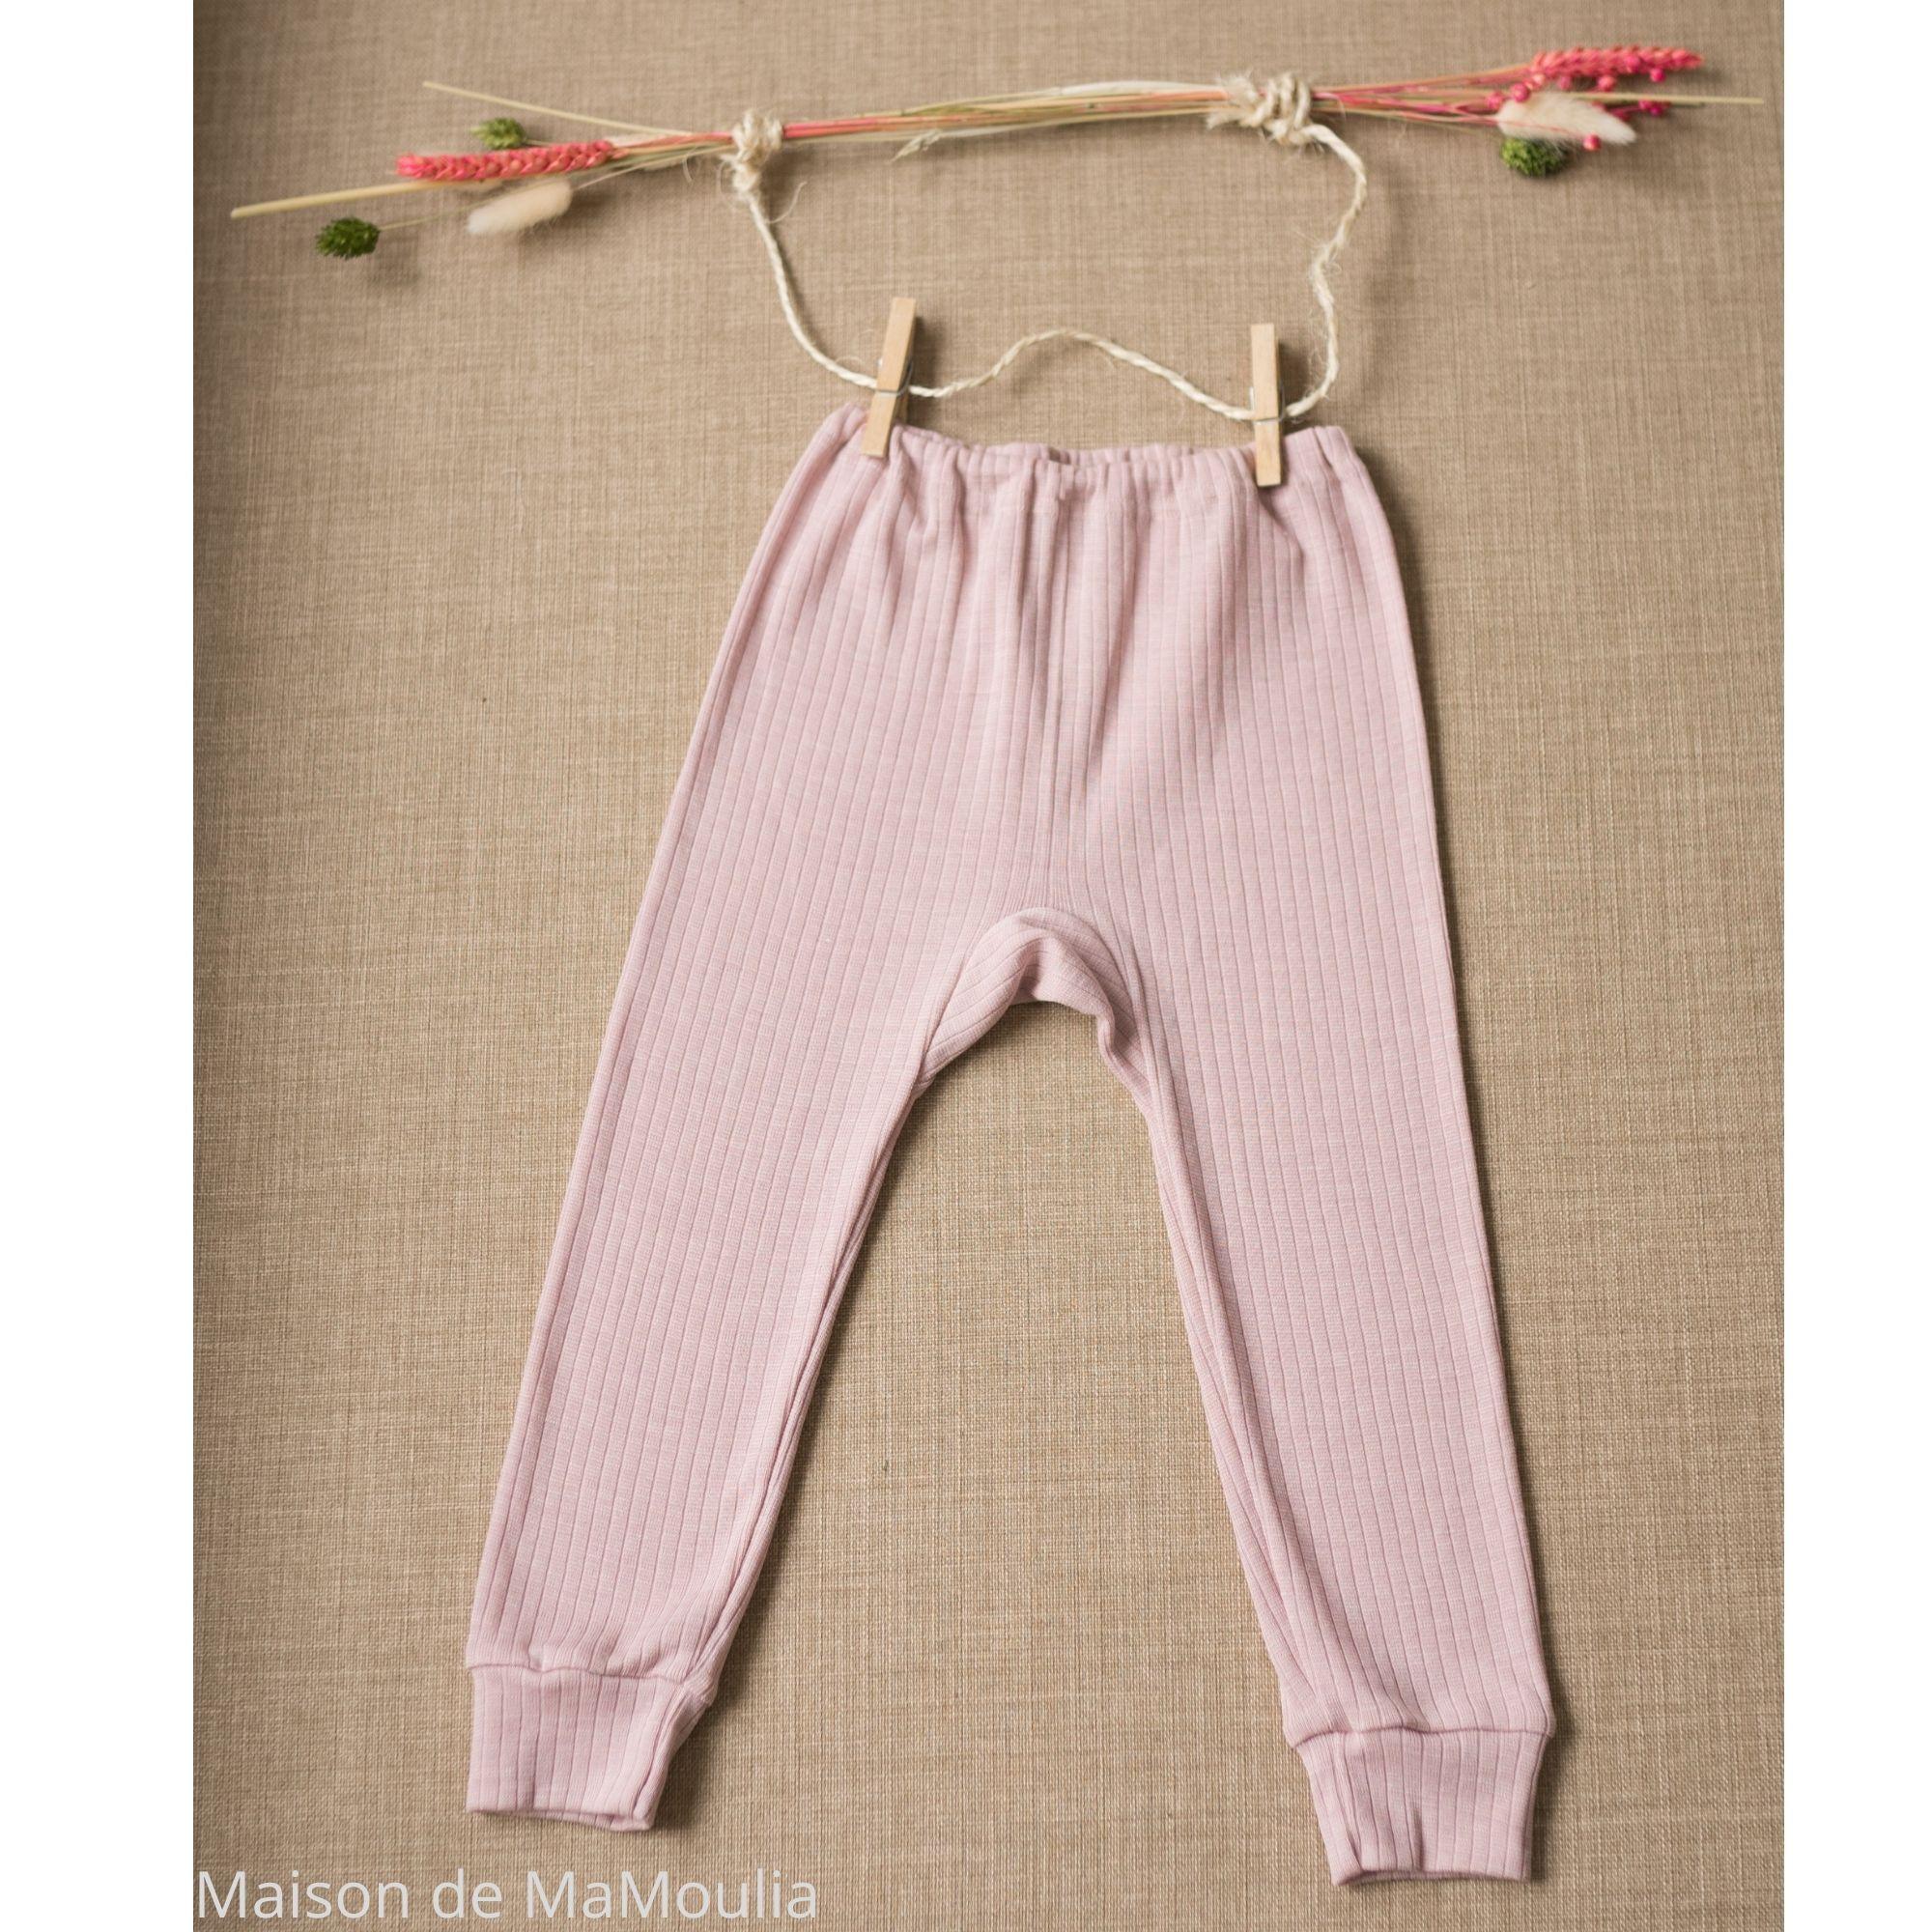 COSILANA - Pantalon-caleçon enfant - Laine/Soie/Coton bio, Rose